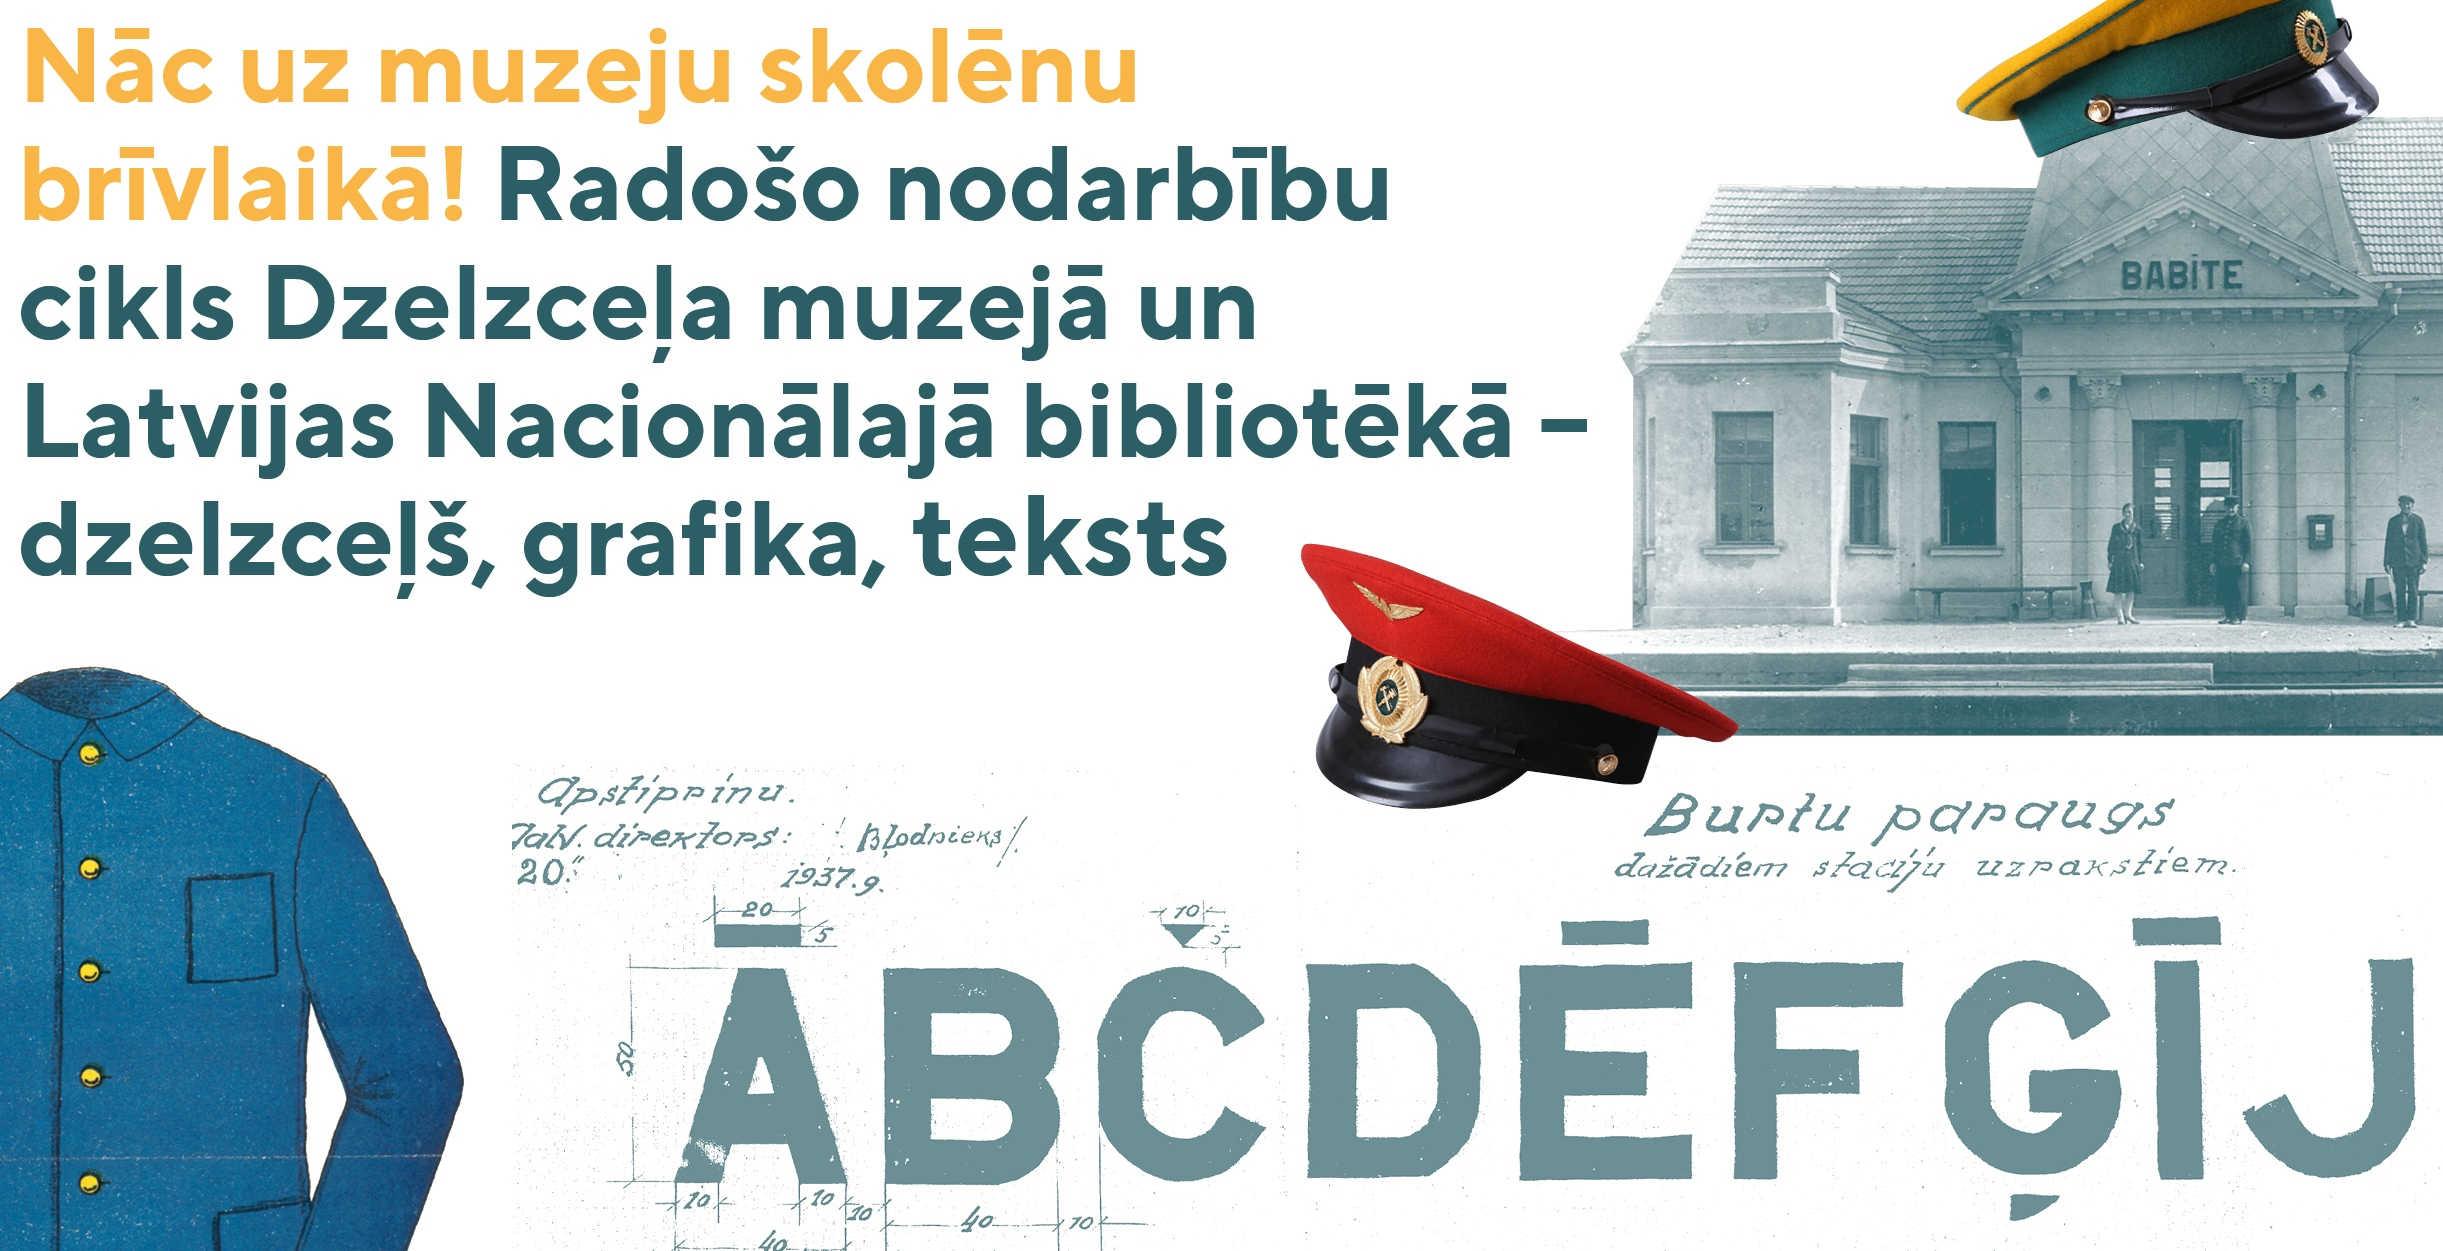 Radošo nodarbību cikls Dzelzceļa muzejā un Latvijas Nacionālajā bibliotēkā